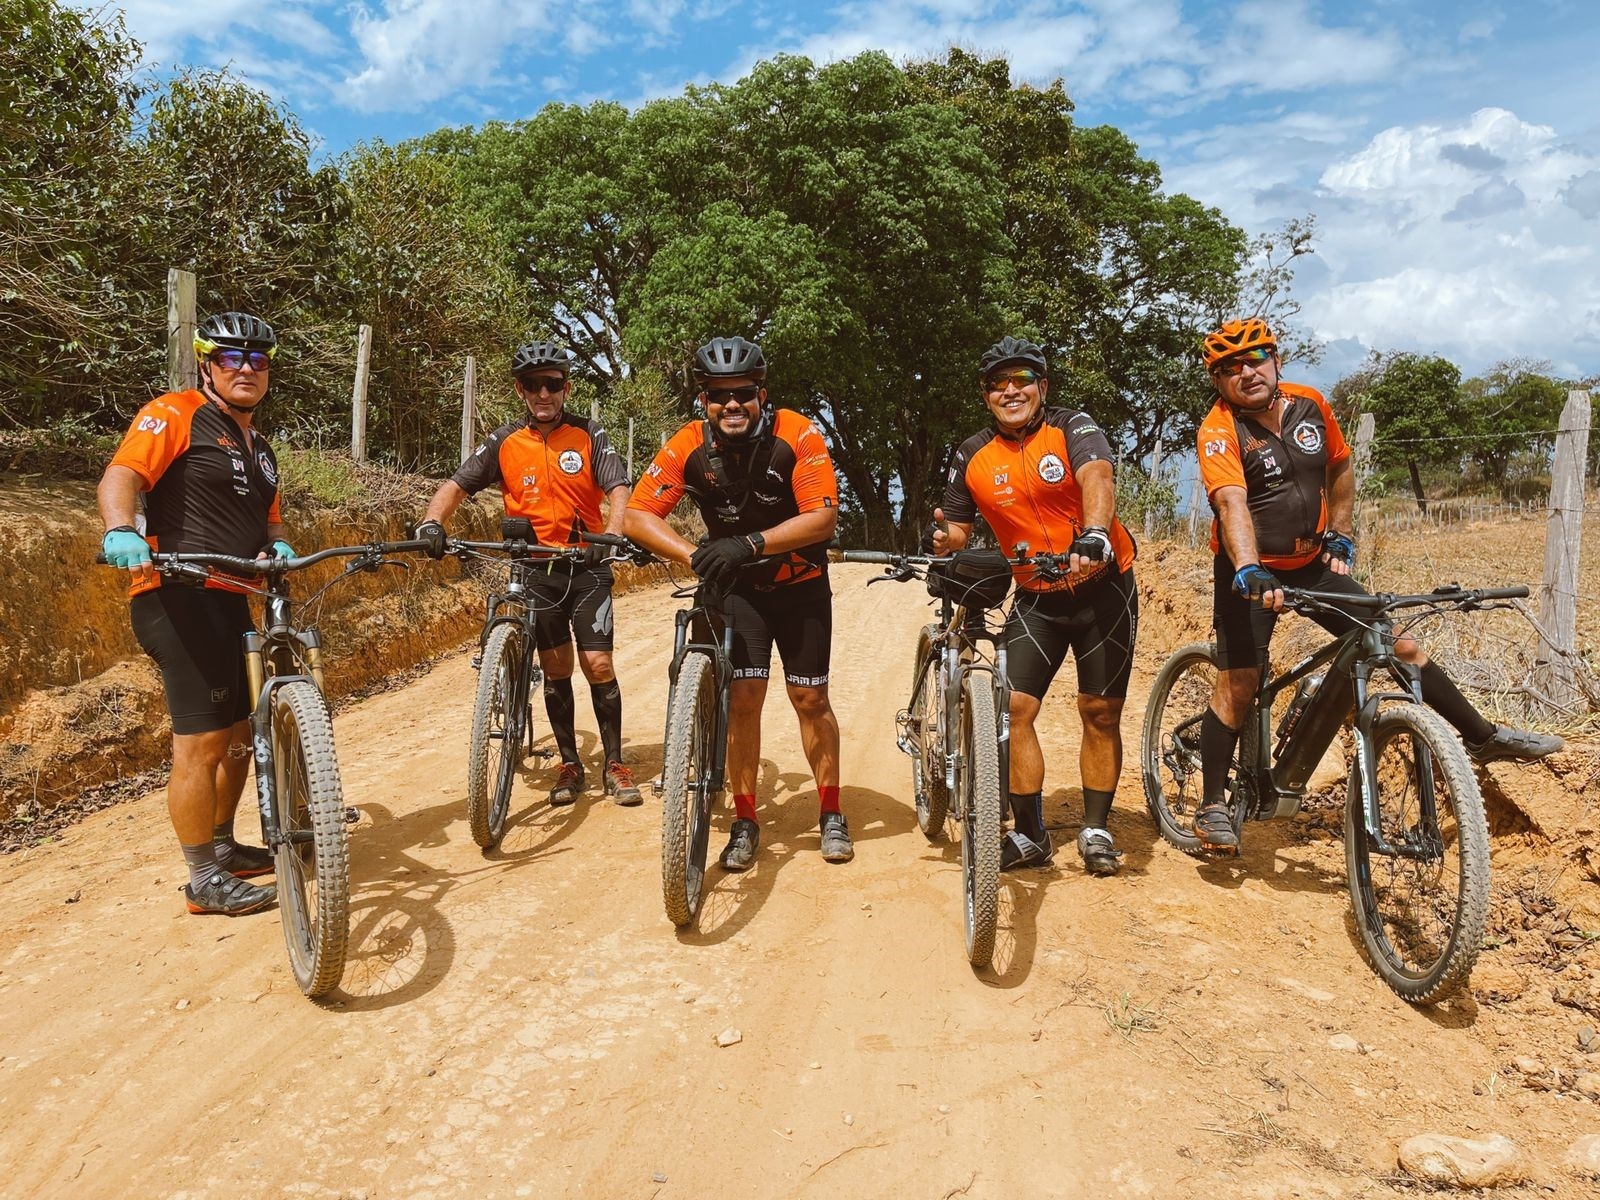 Vinícius, da dupla Douglas e Vinícius, paga promessa de bicicleta pelo 'Caminho da Fé' até Aparecida do Norte 41